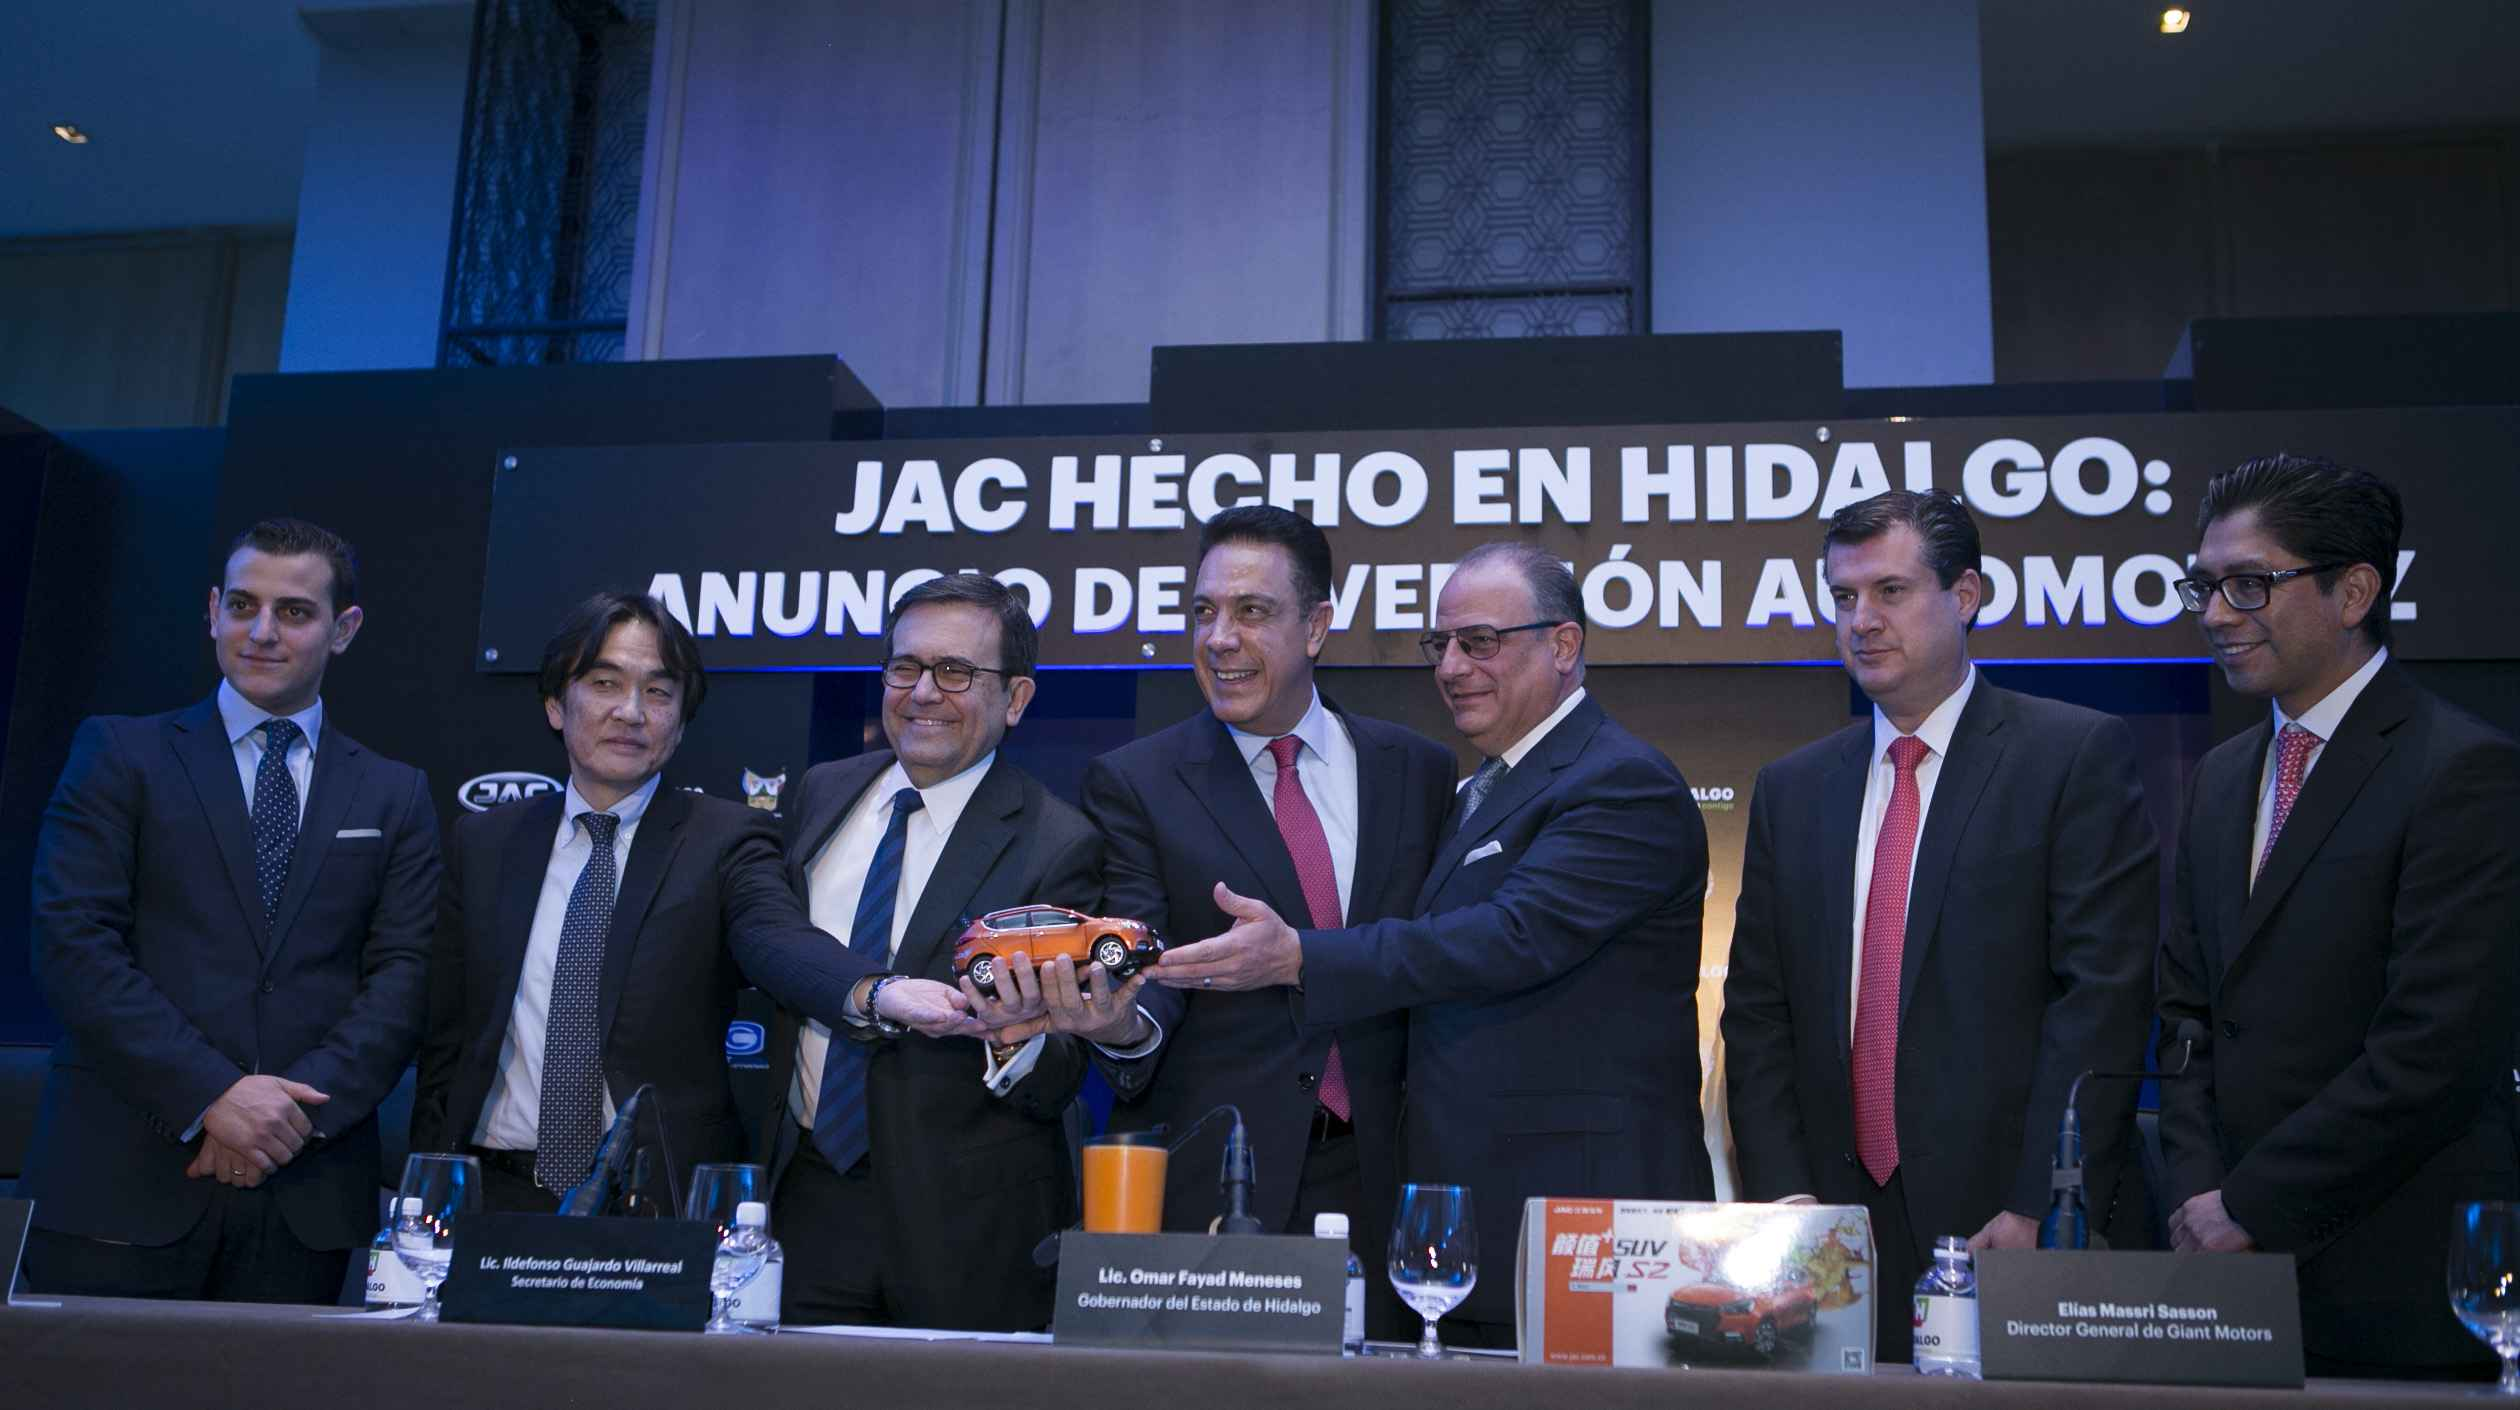 Anuncian inversión industrial en Hidalgo